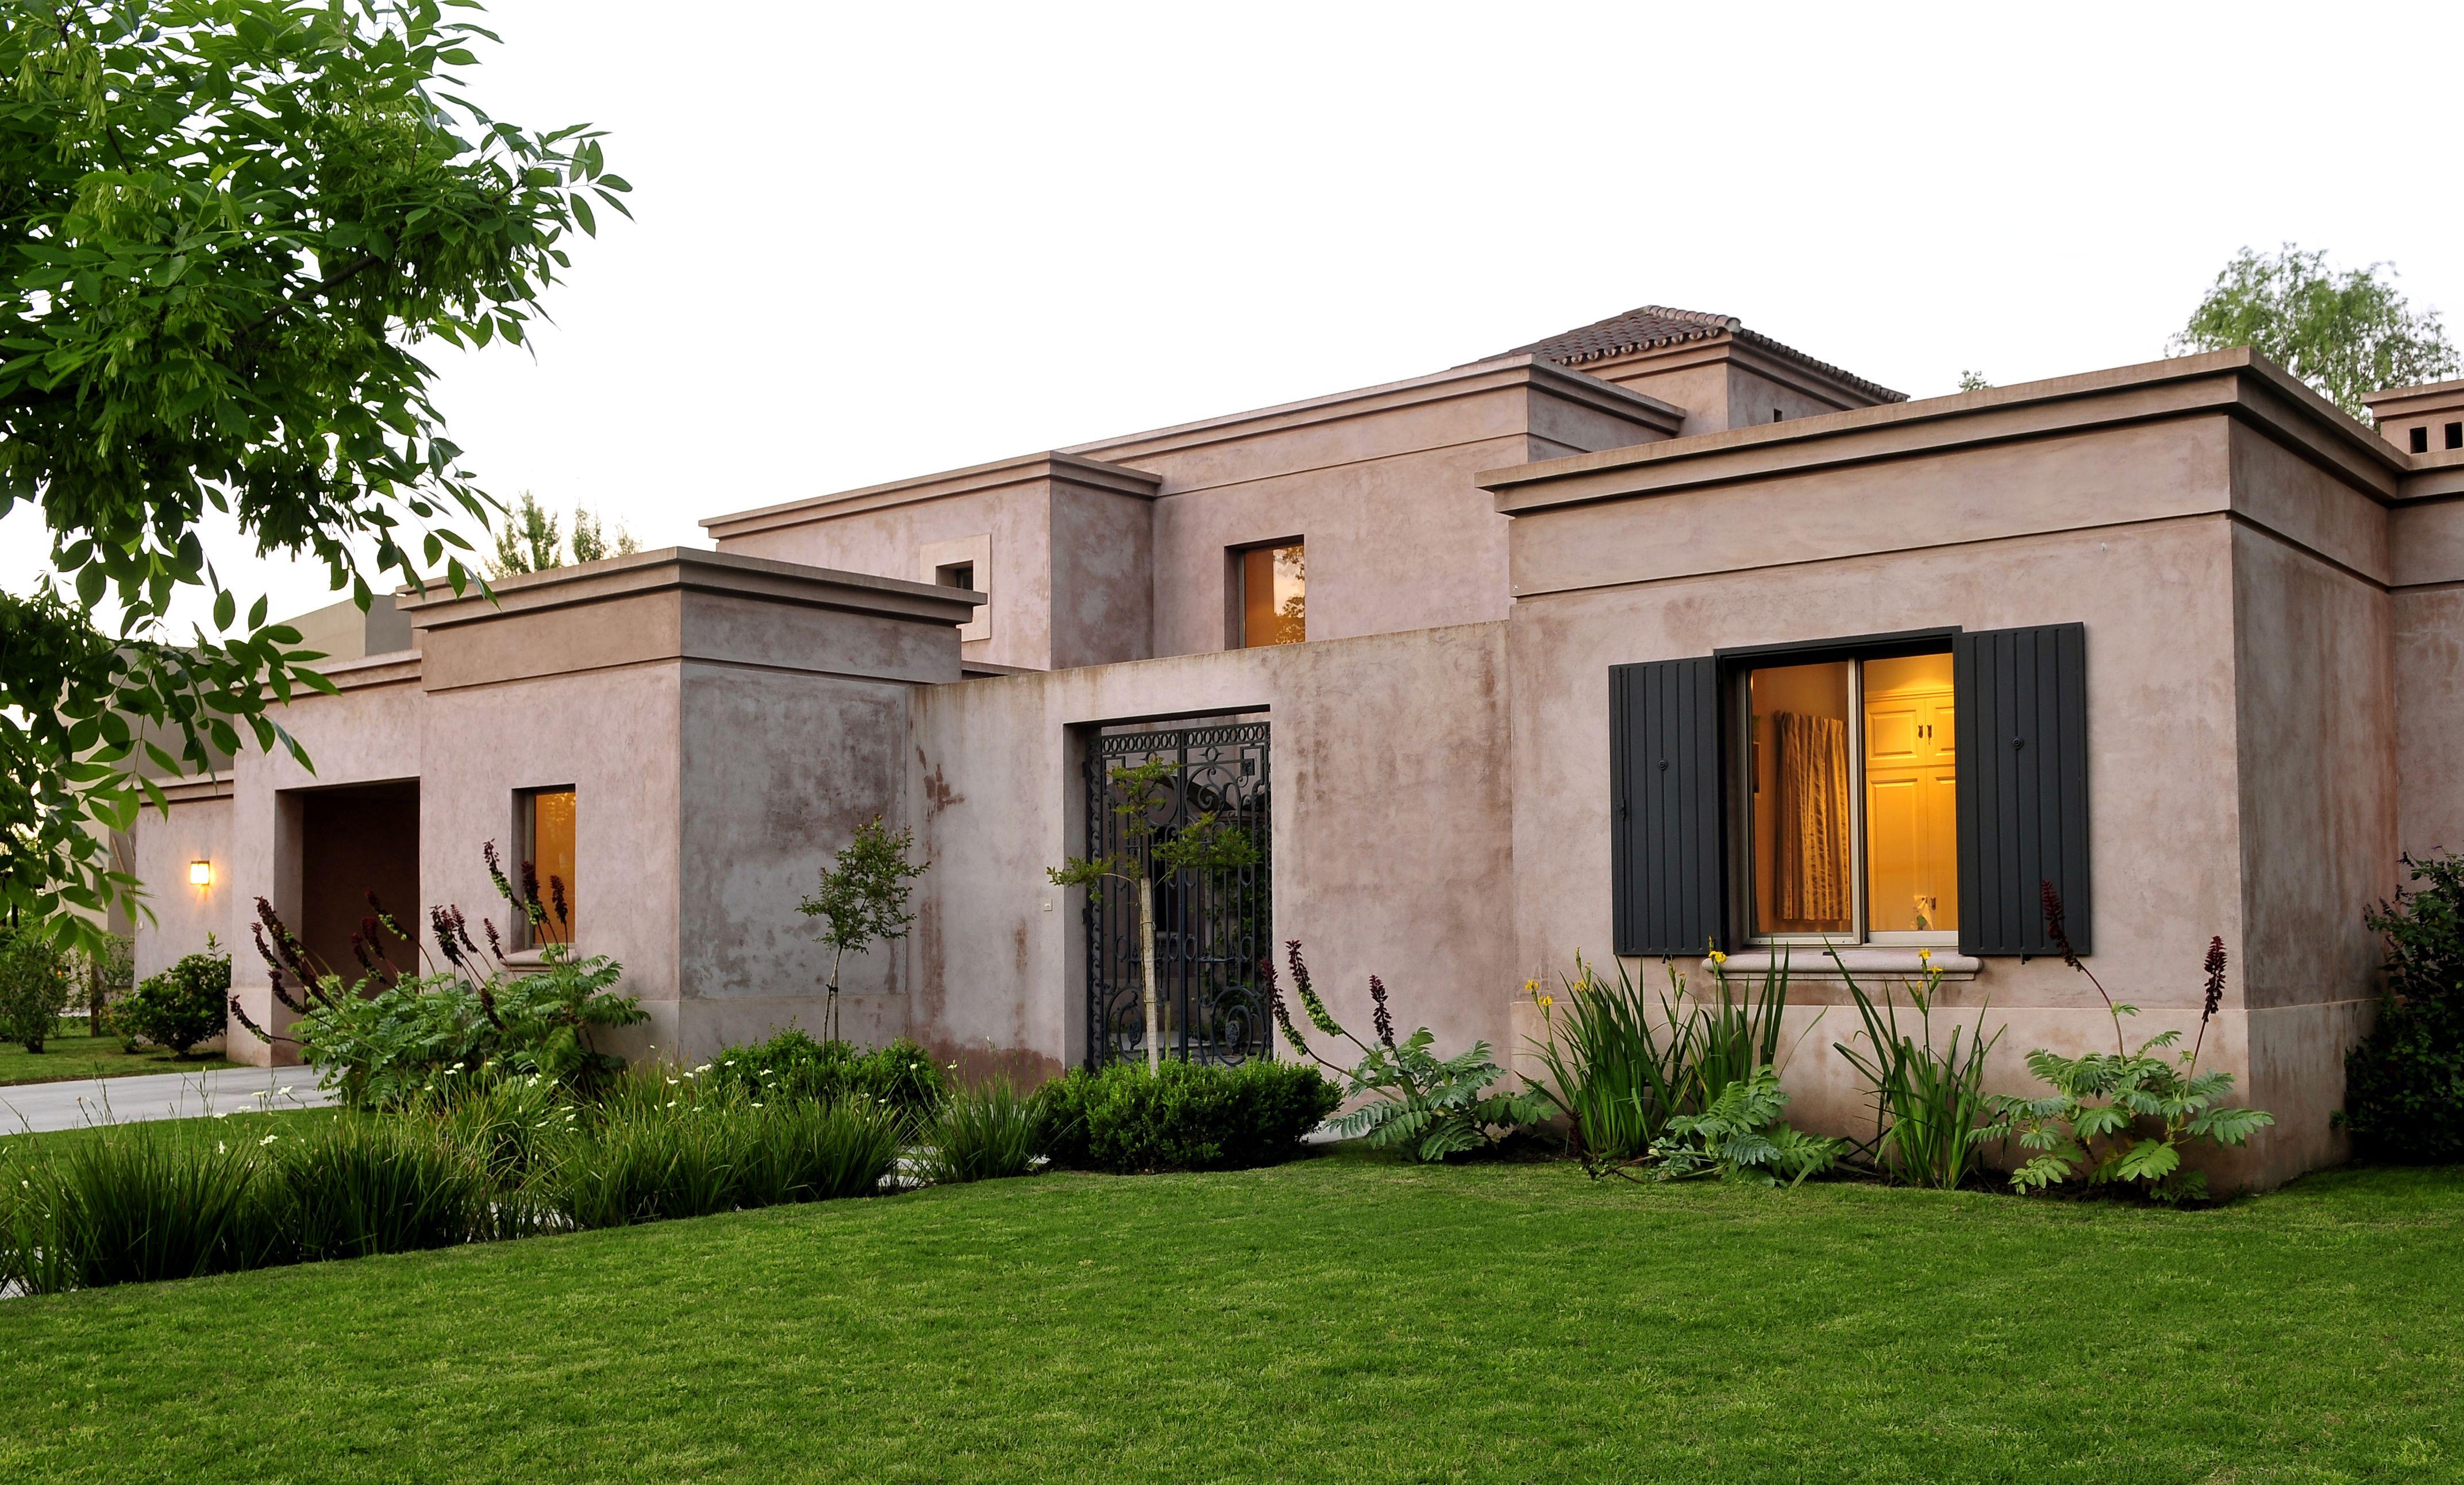 Arquitectura paisajismo ricardo pereyra iraola for Fachadas modernas para casas de campo